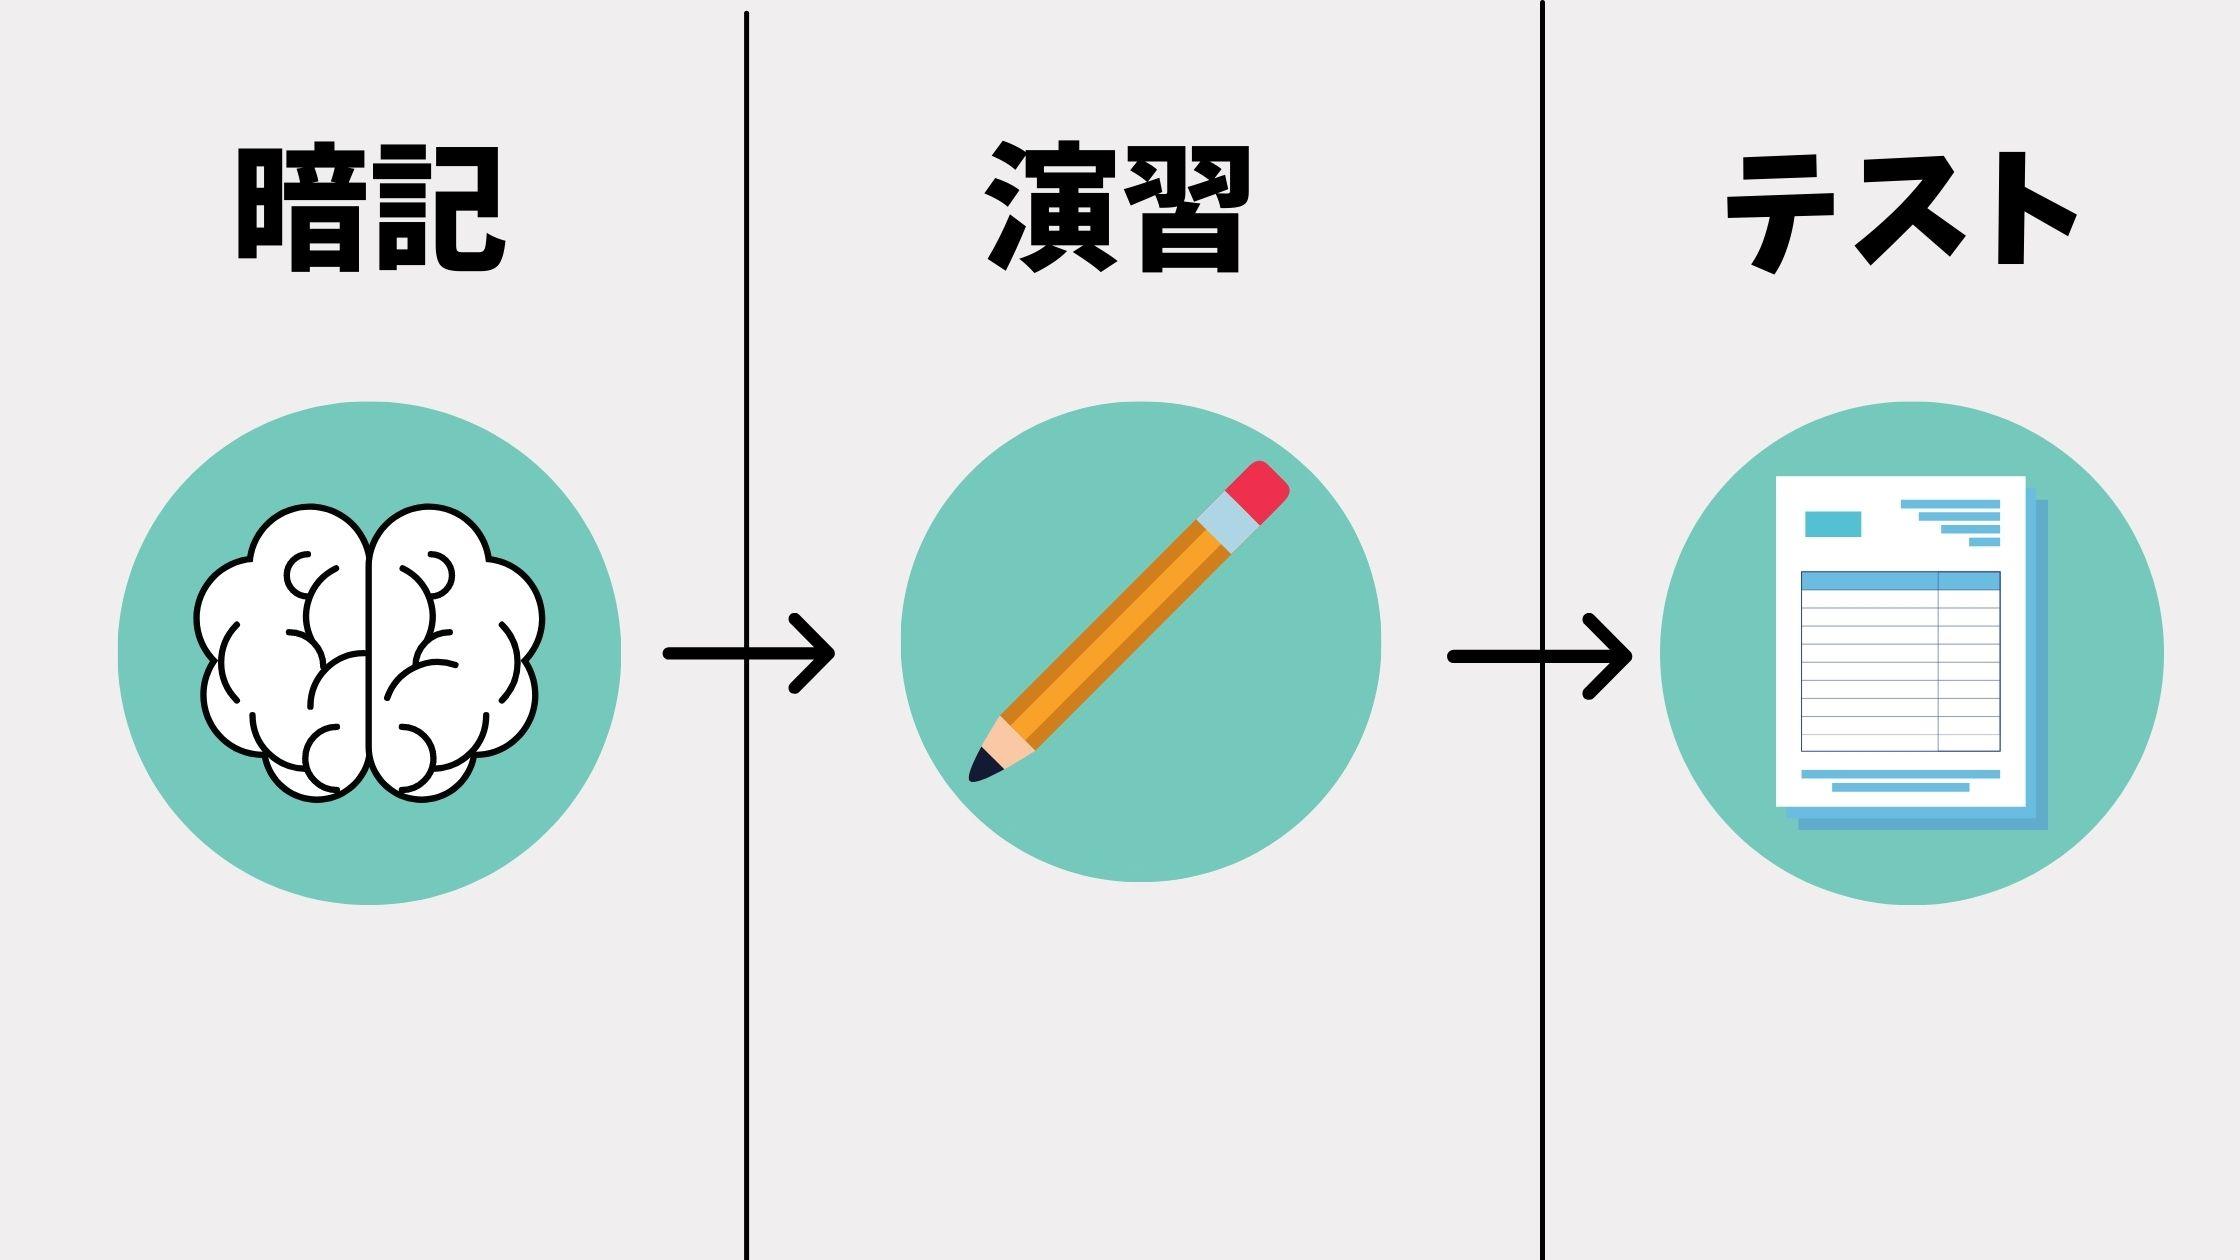 定期テストを勉強するサイクル